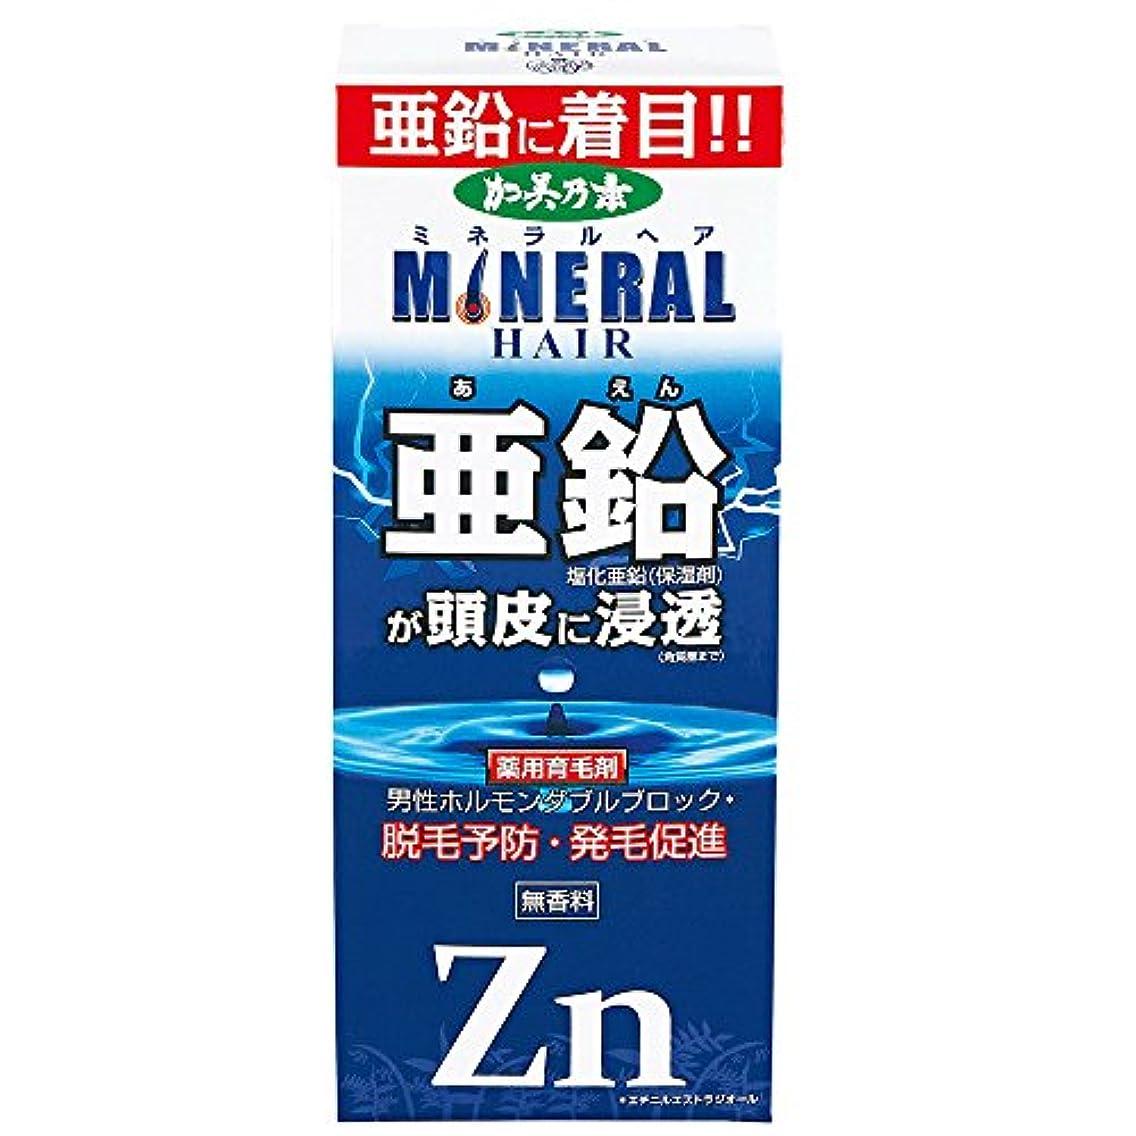 染色受信機不愉快に薬用加美乃素 ミネラルヘア 育毛剤 180mL (医薬部外品)